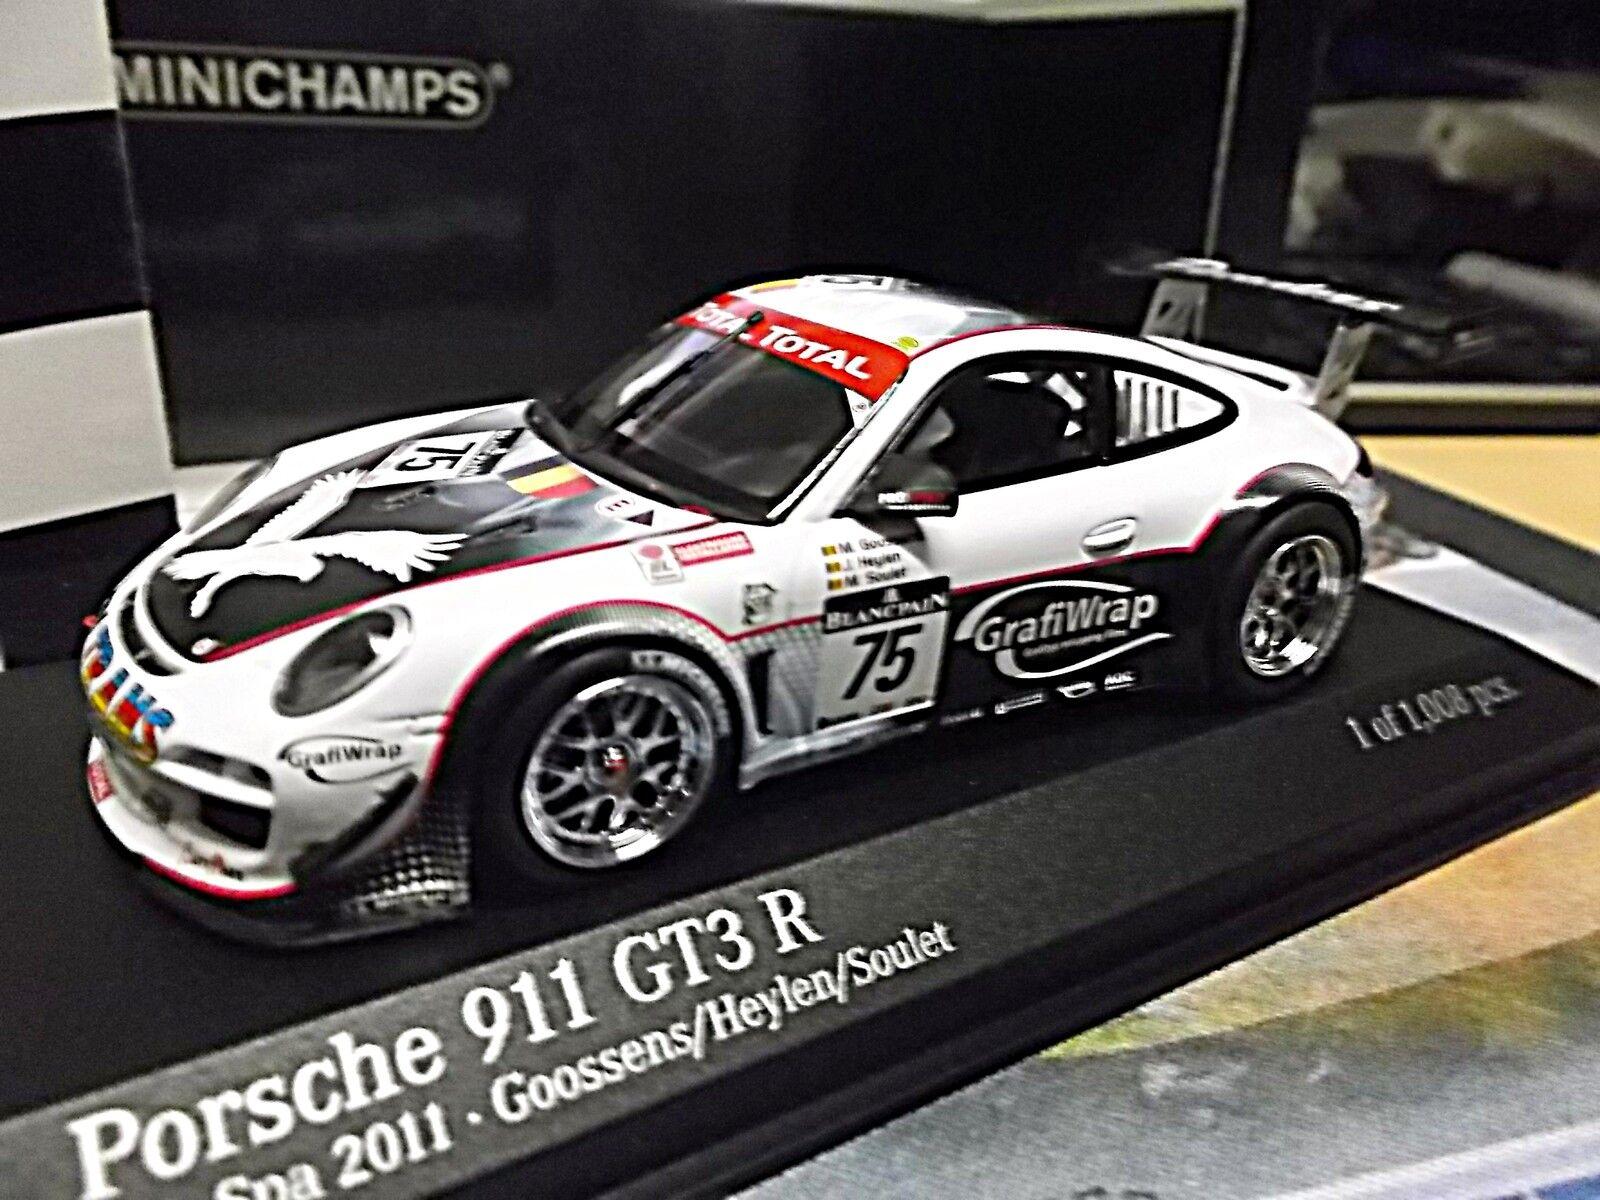 Porsche 911 997 gt3 r 24 spa 2011  75 grafiwrap Goossens soulet Minichamps 1 43